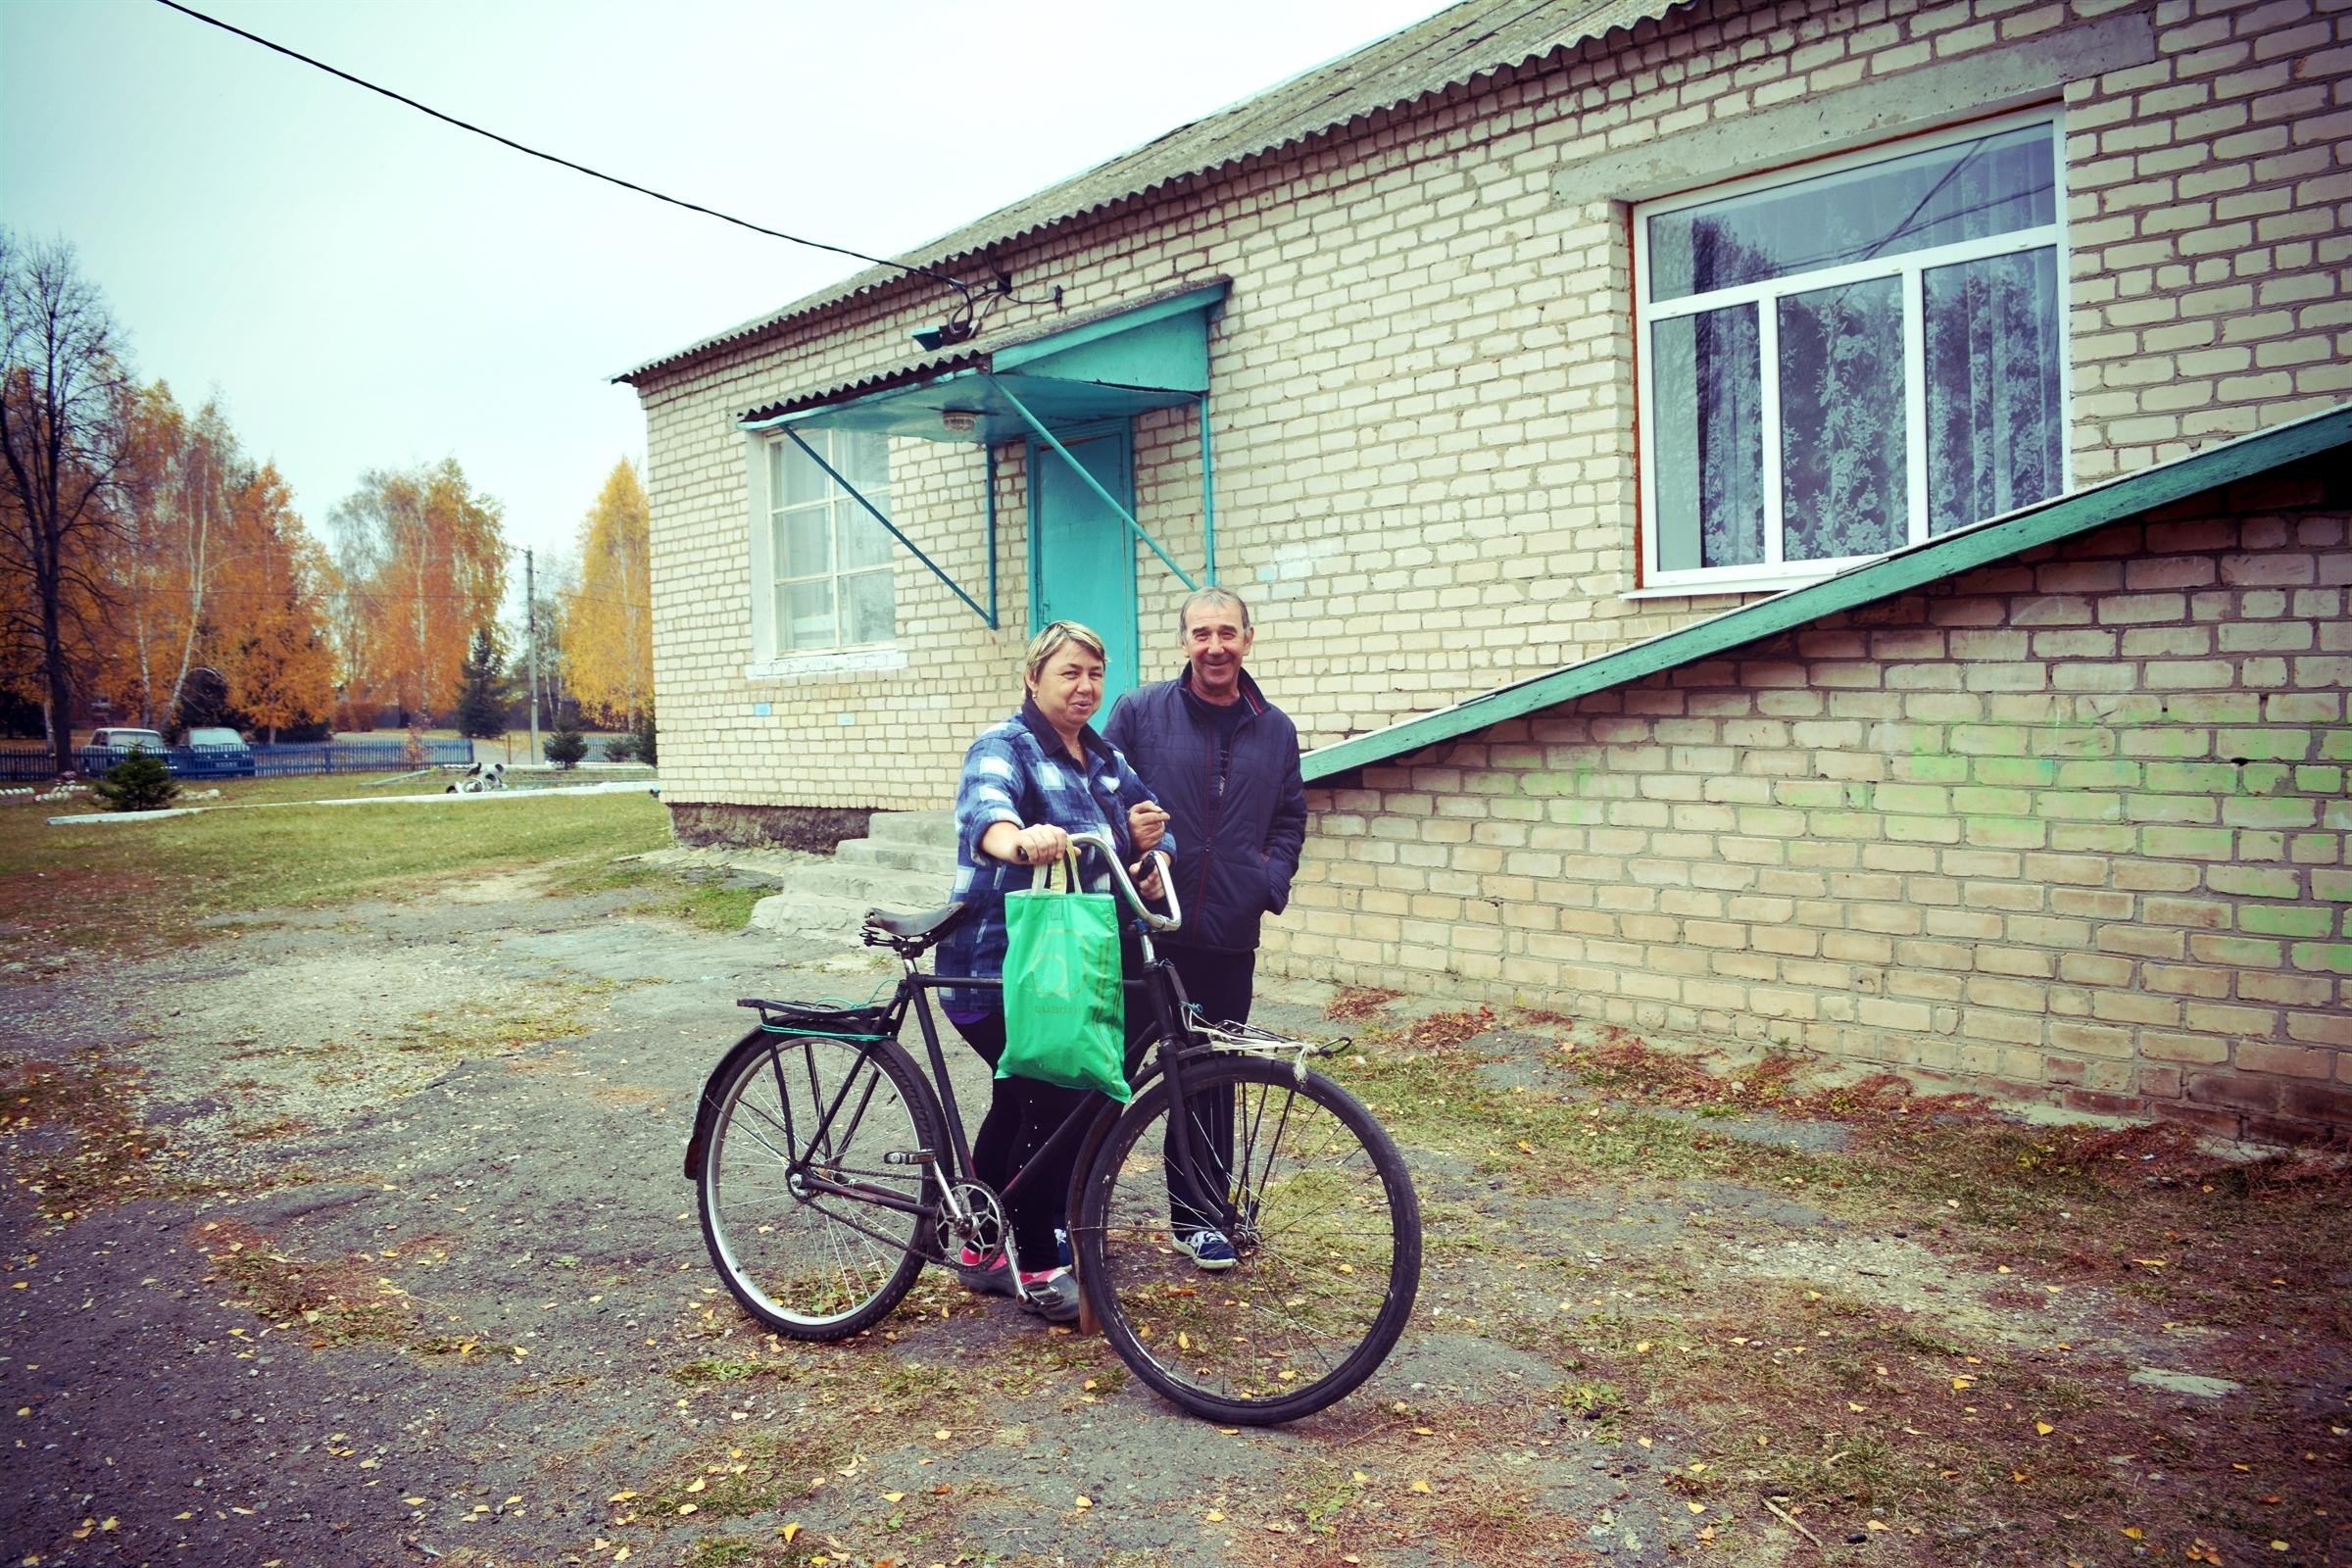 GFRANQ_ELENA_MARKOVSKAYA_67284826_2400.jpg